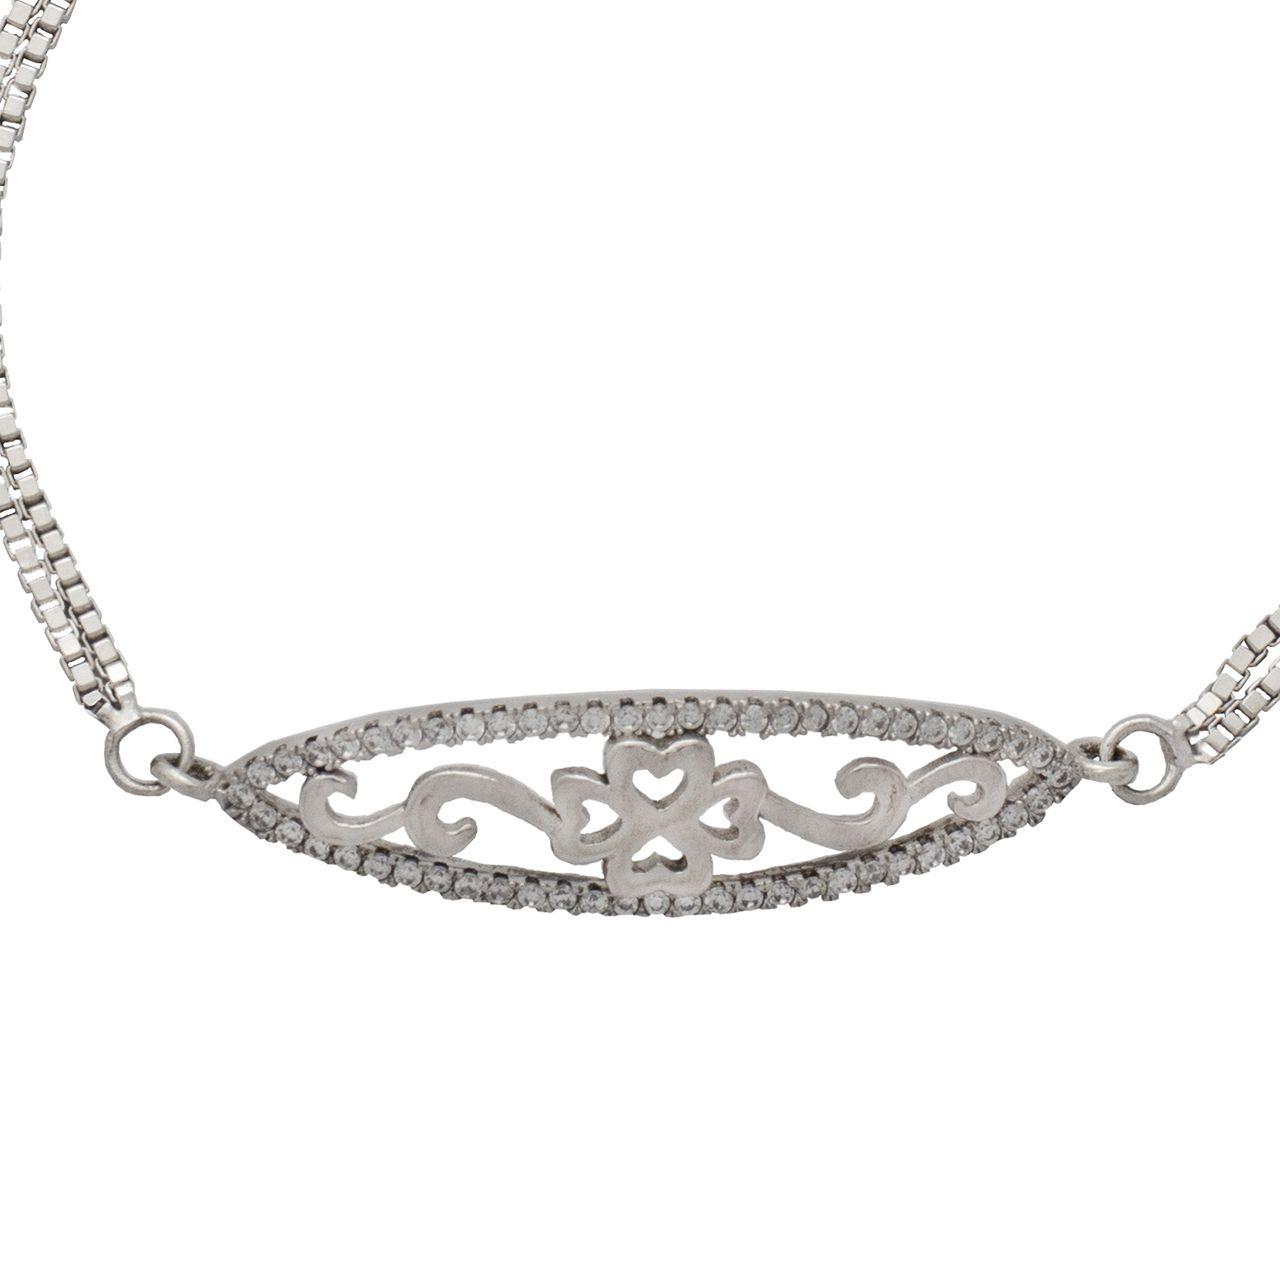 دستبند نقره زنانه کد 406 -  - 3